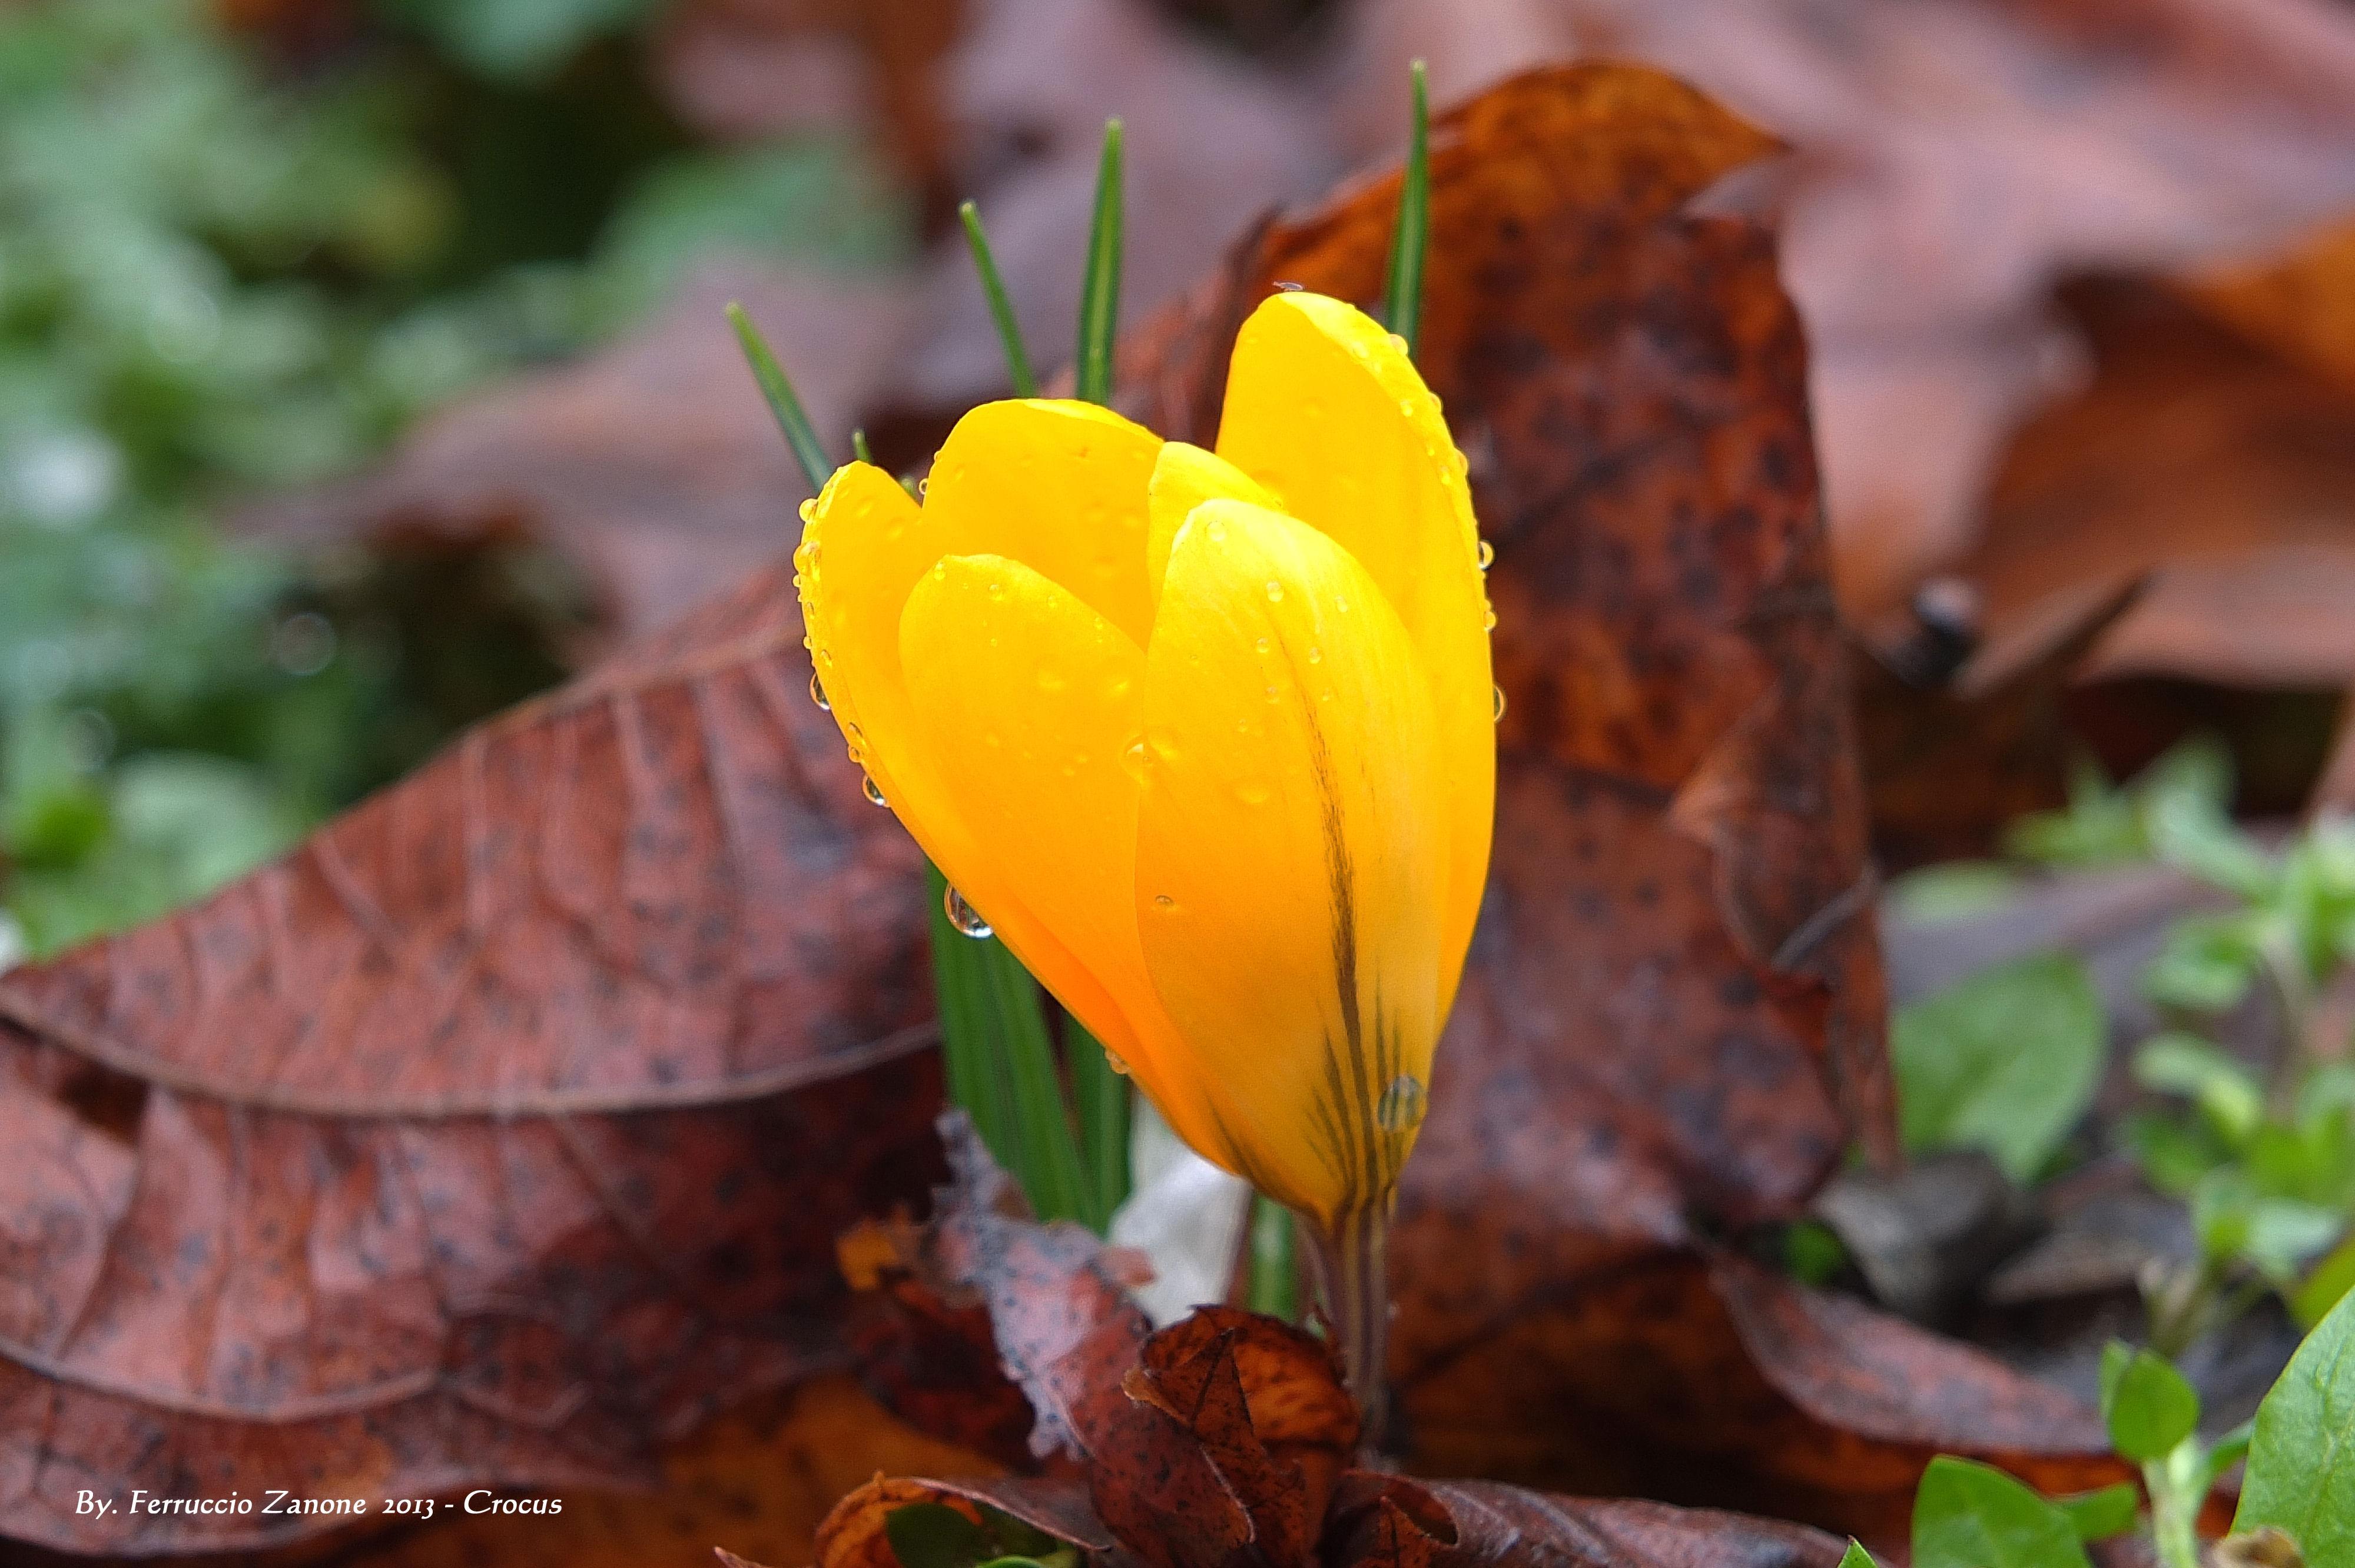 142724 скачать обои Цветок, Цветы, Капли, Желтый, Шафран - заставки и картинки бесплатно